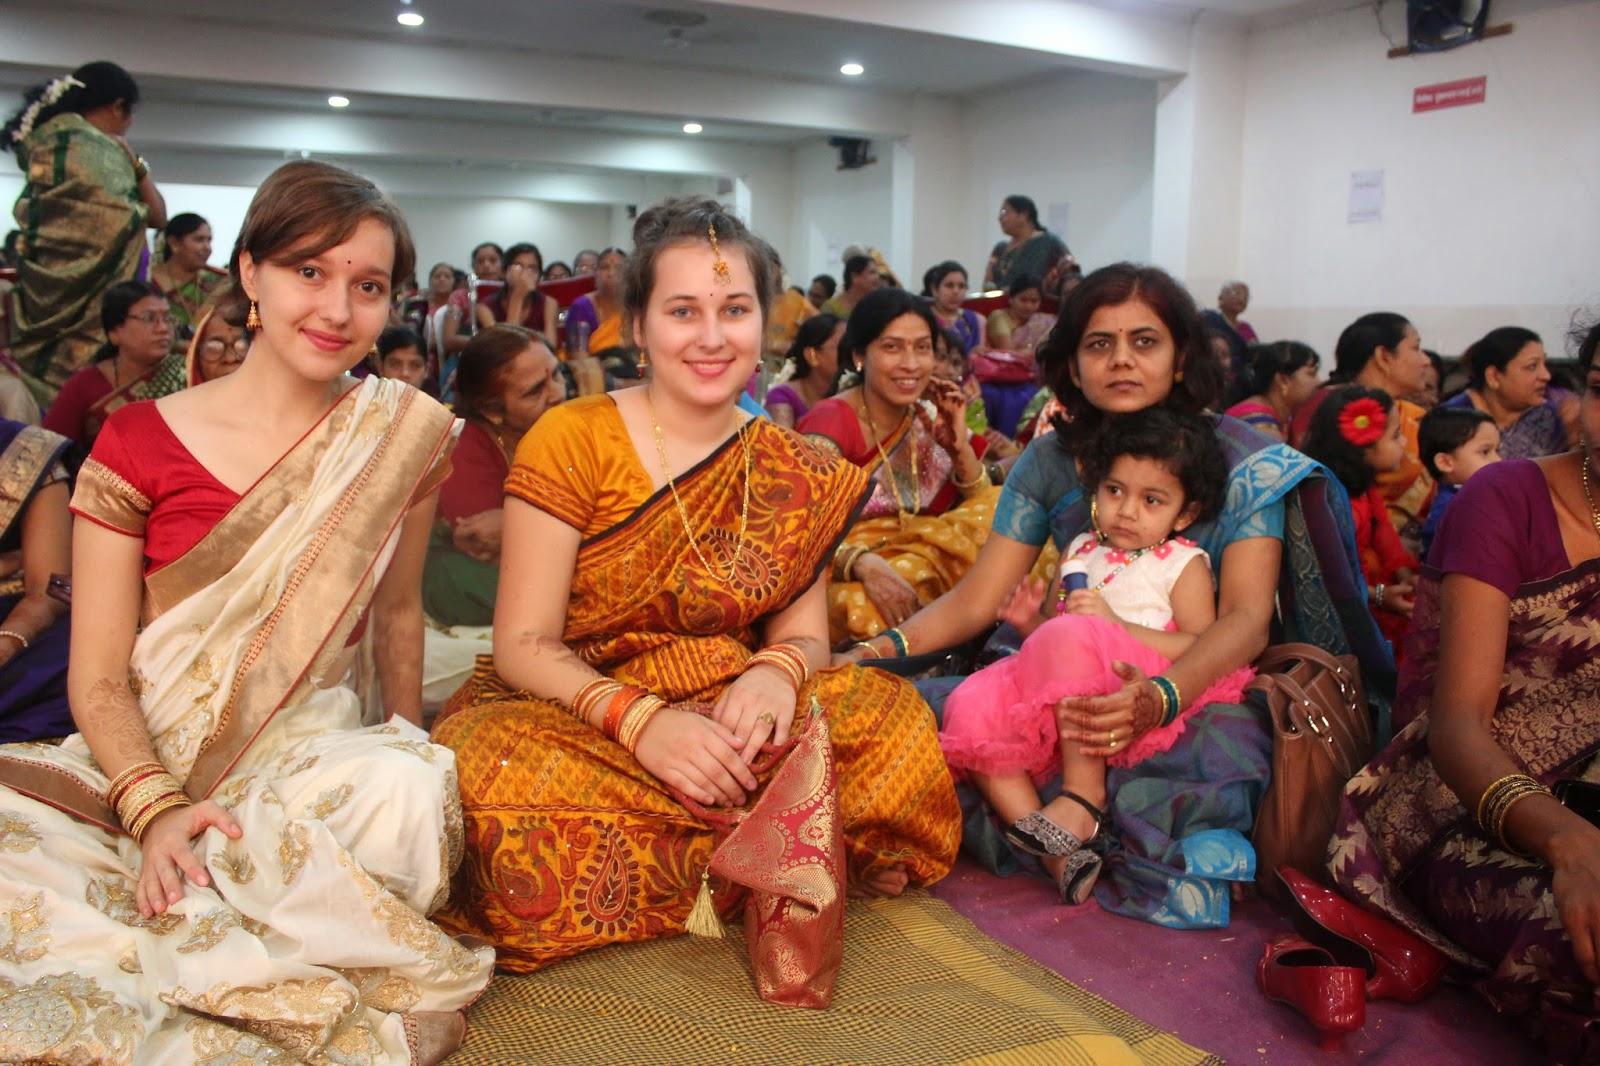 indische Frau mit weißem Mann verheiratet